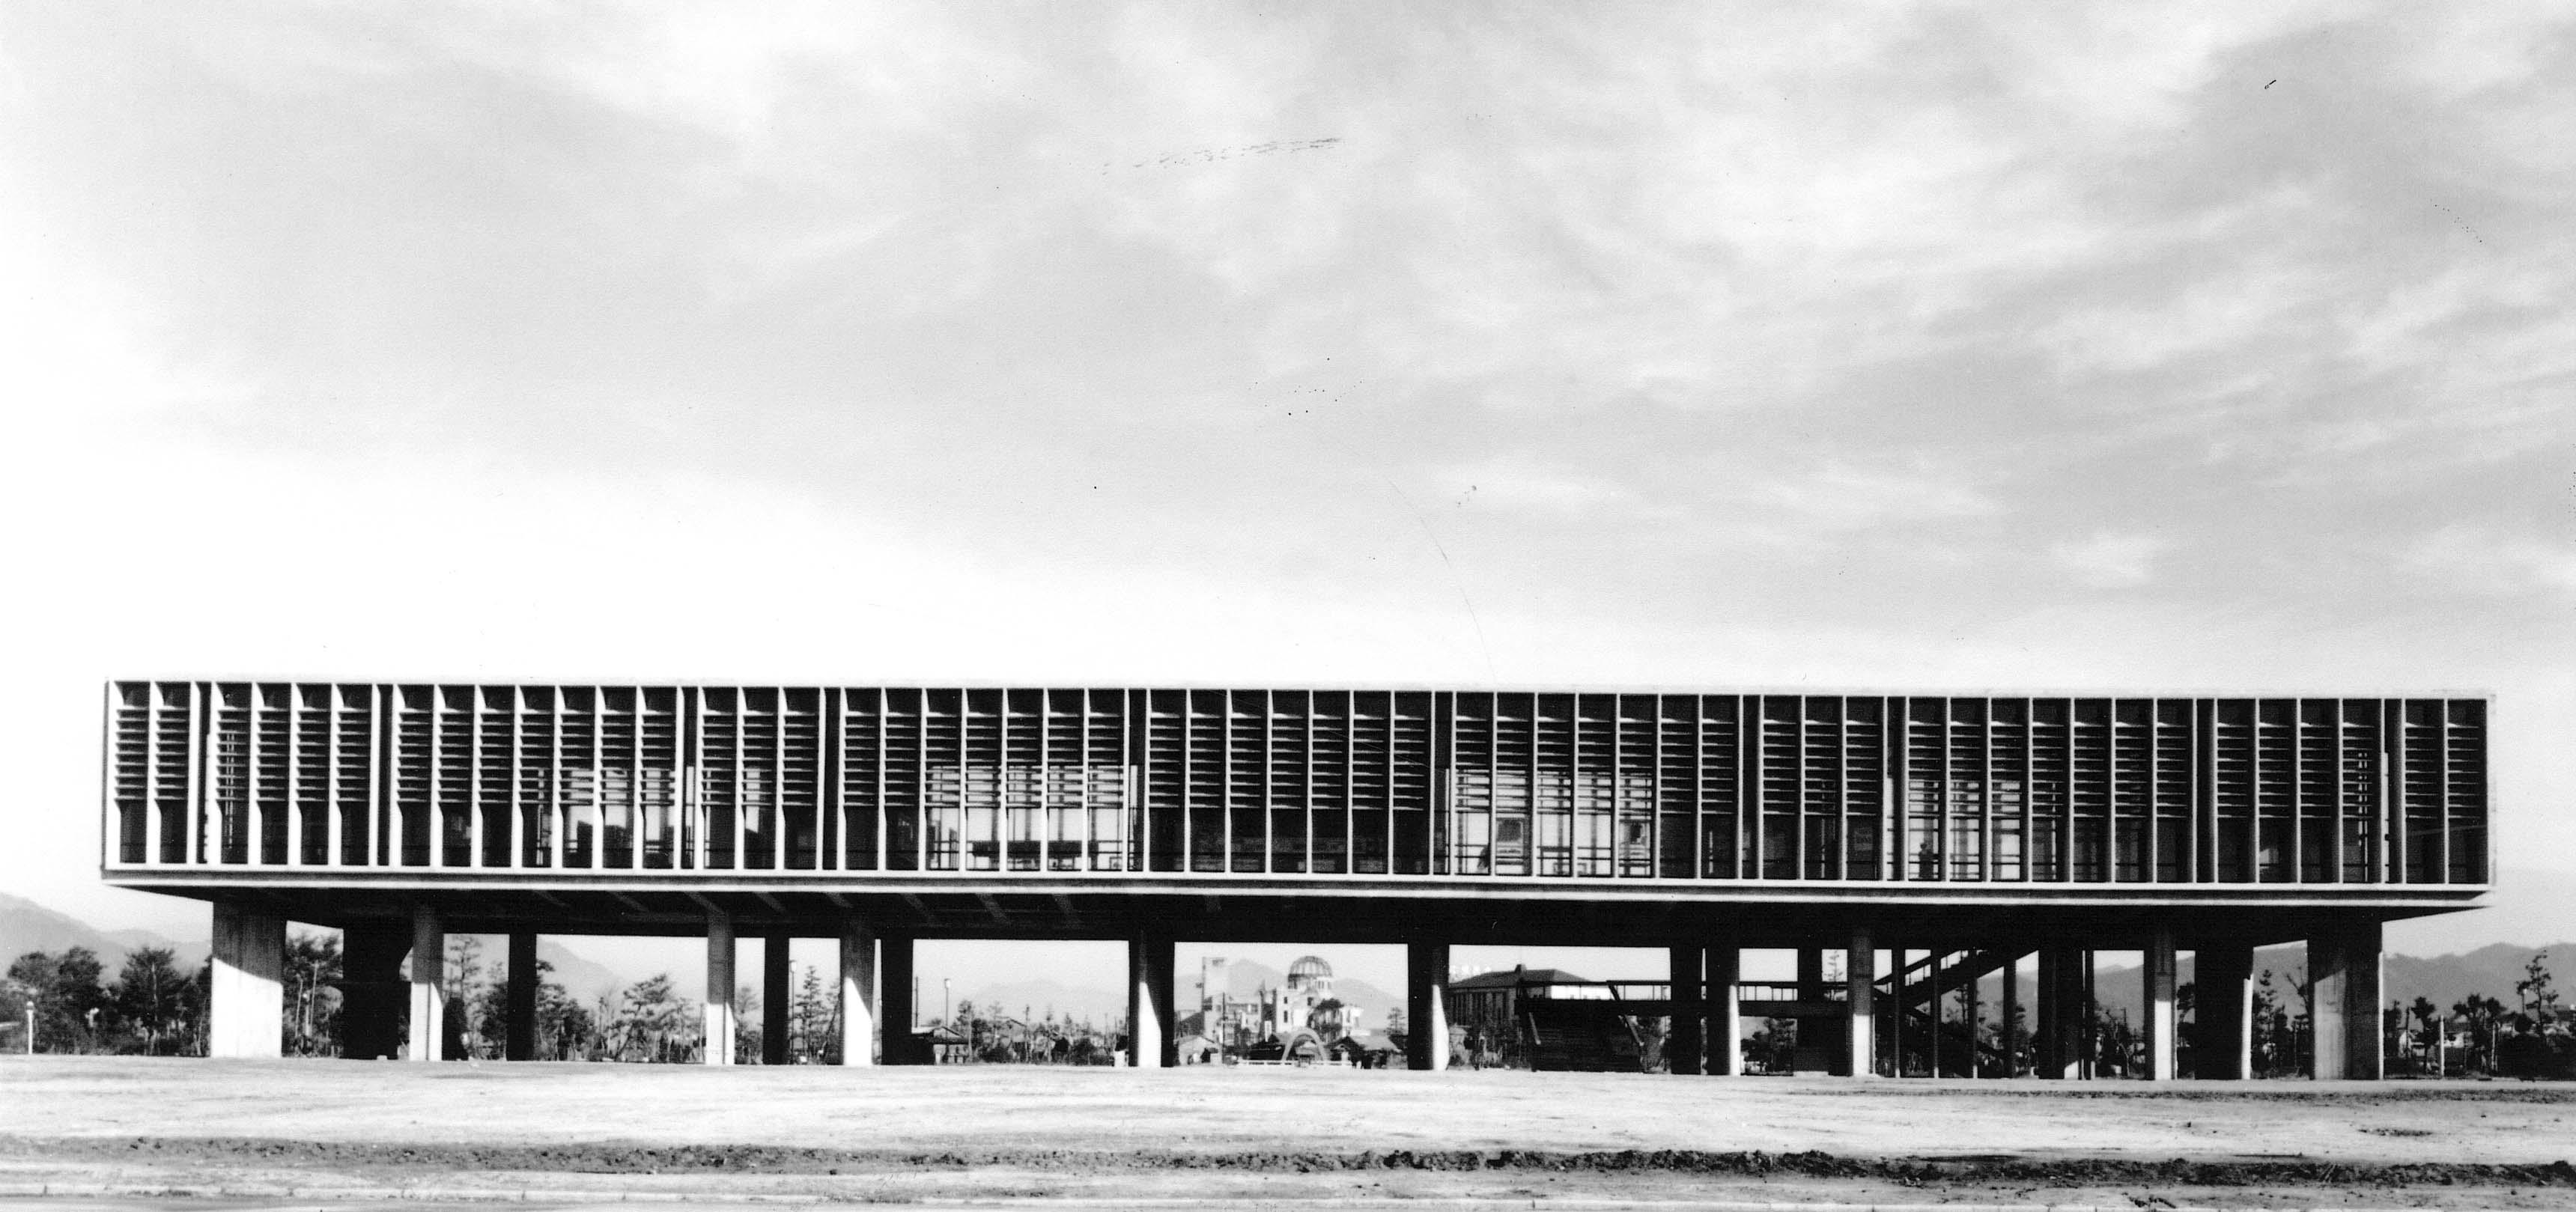 Kenzô Tange, Centre pour la paix, Hiroshima, 1952